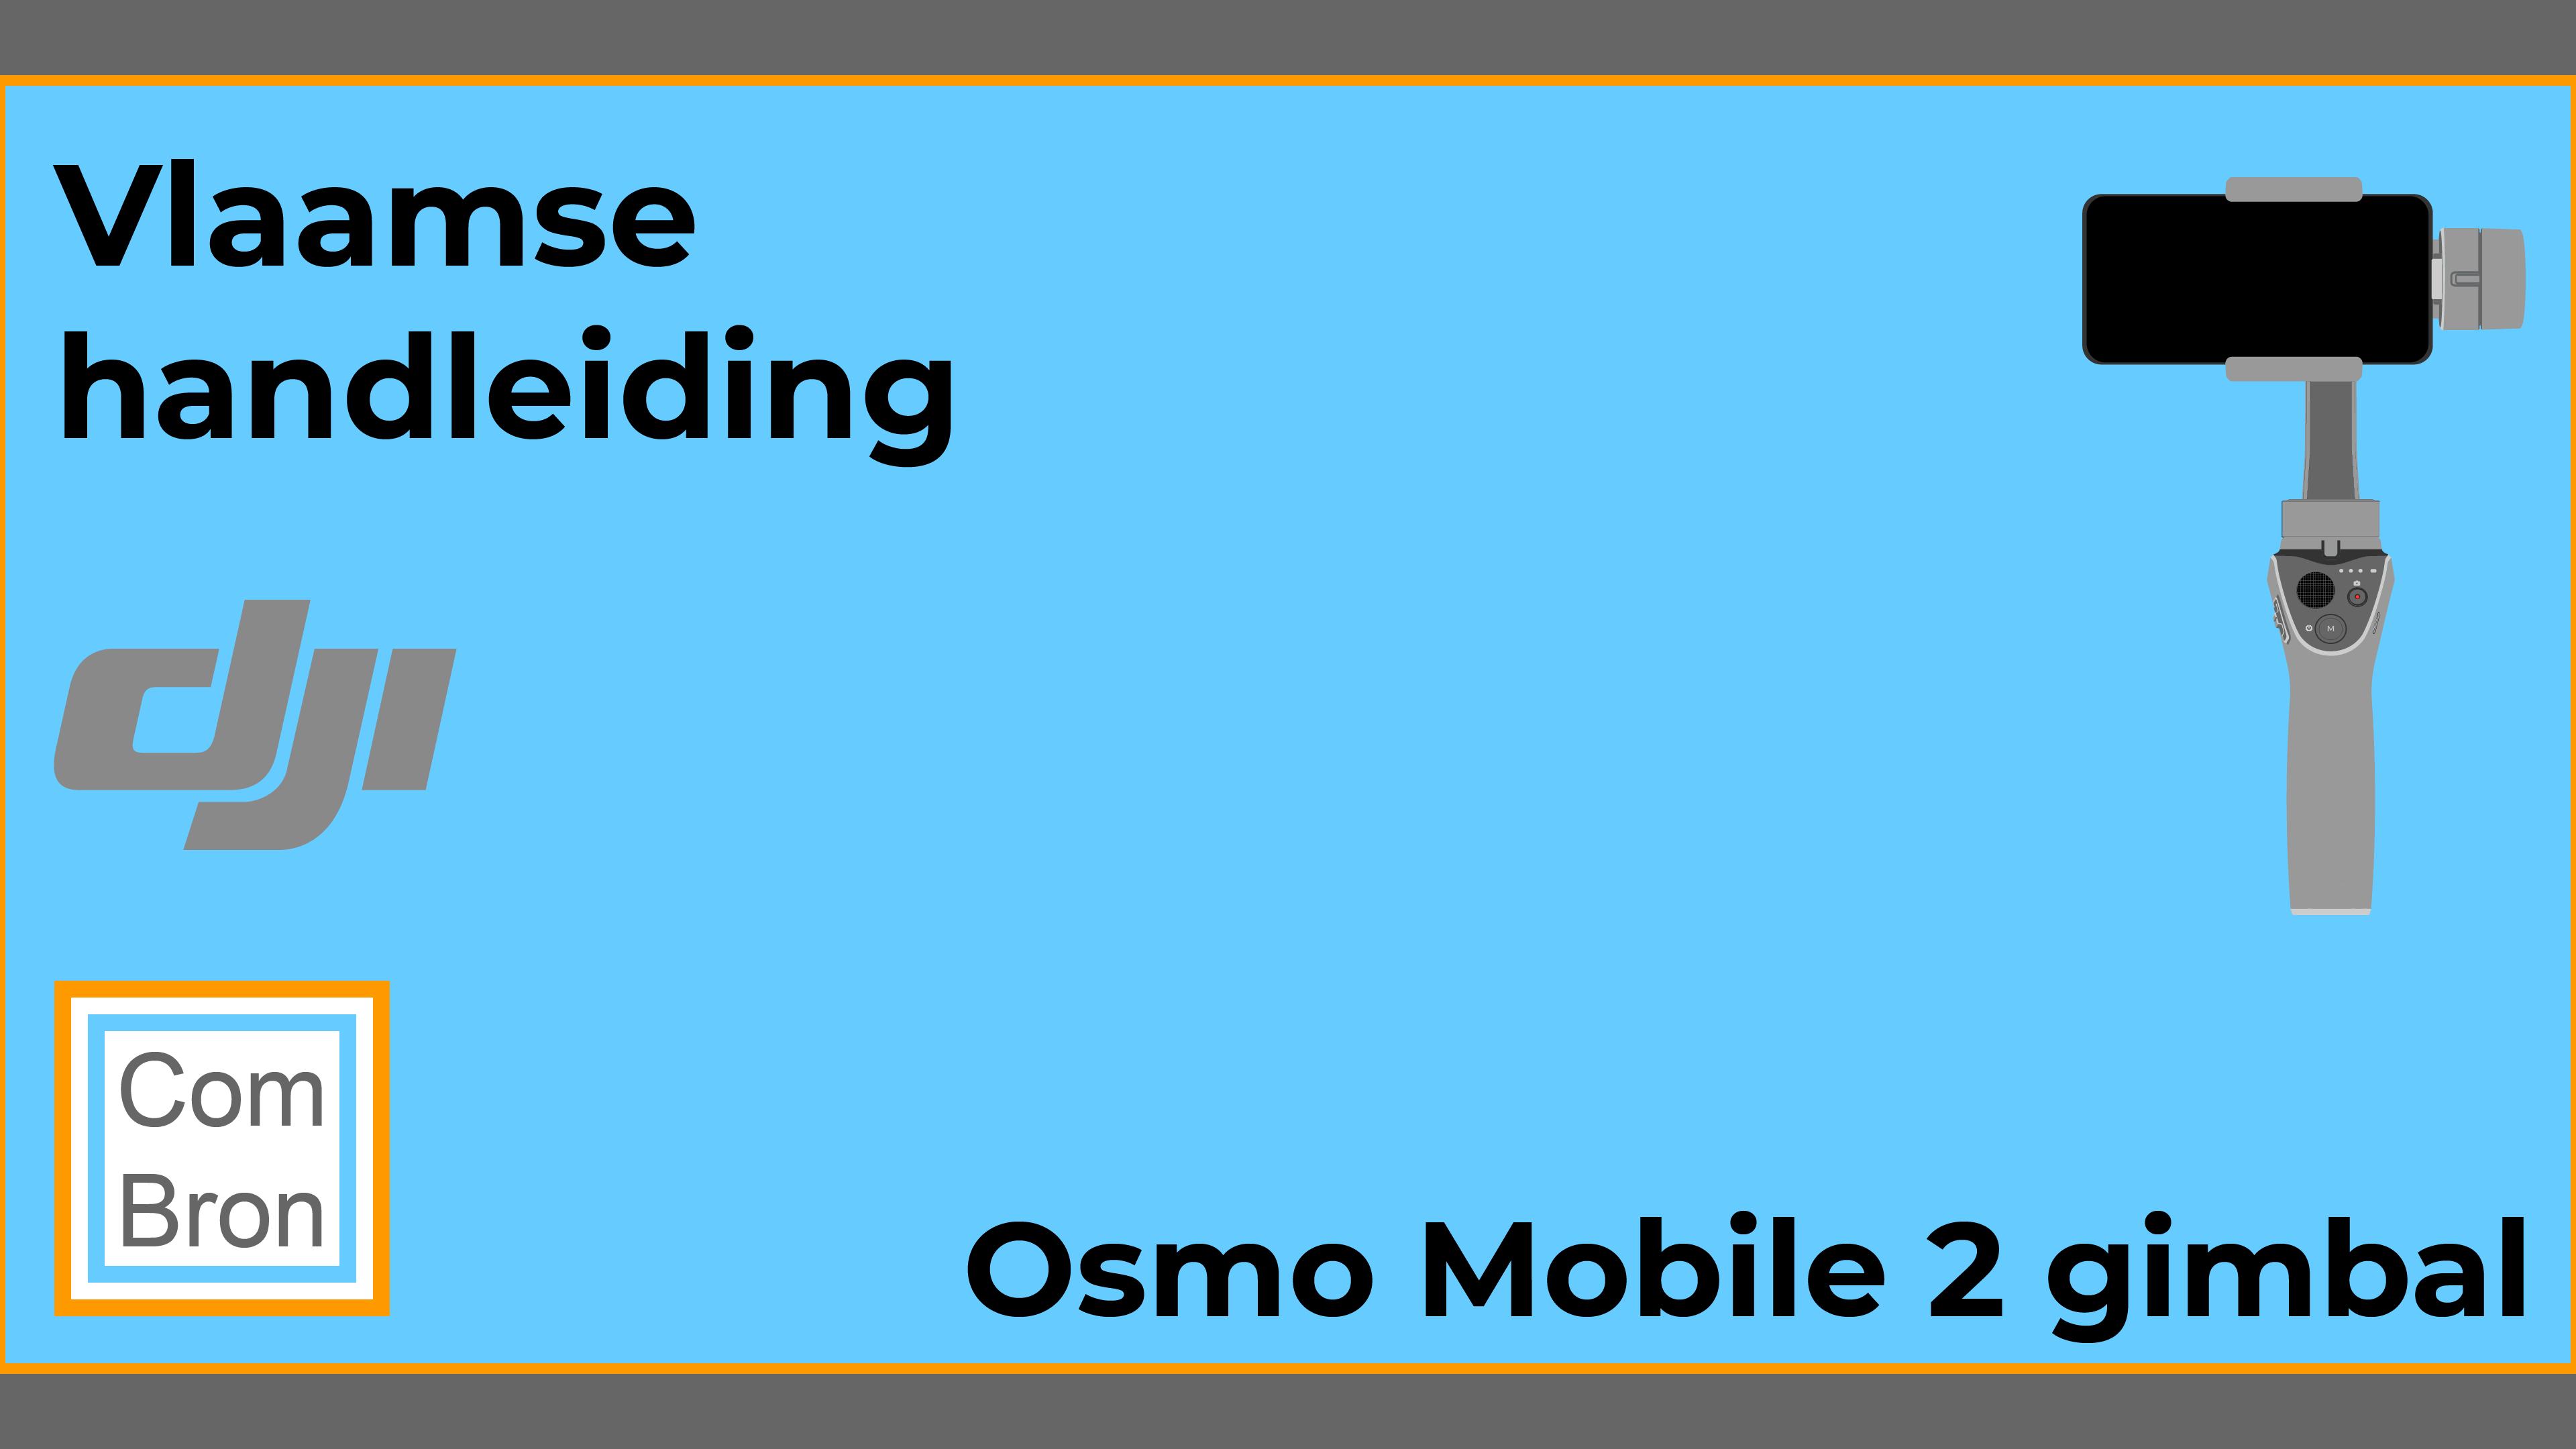 Vlaamse handleiding DJI Osmo Mobile 2. Gebruiksaanwijzing gimbal.